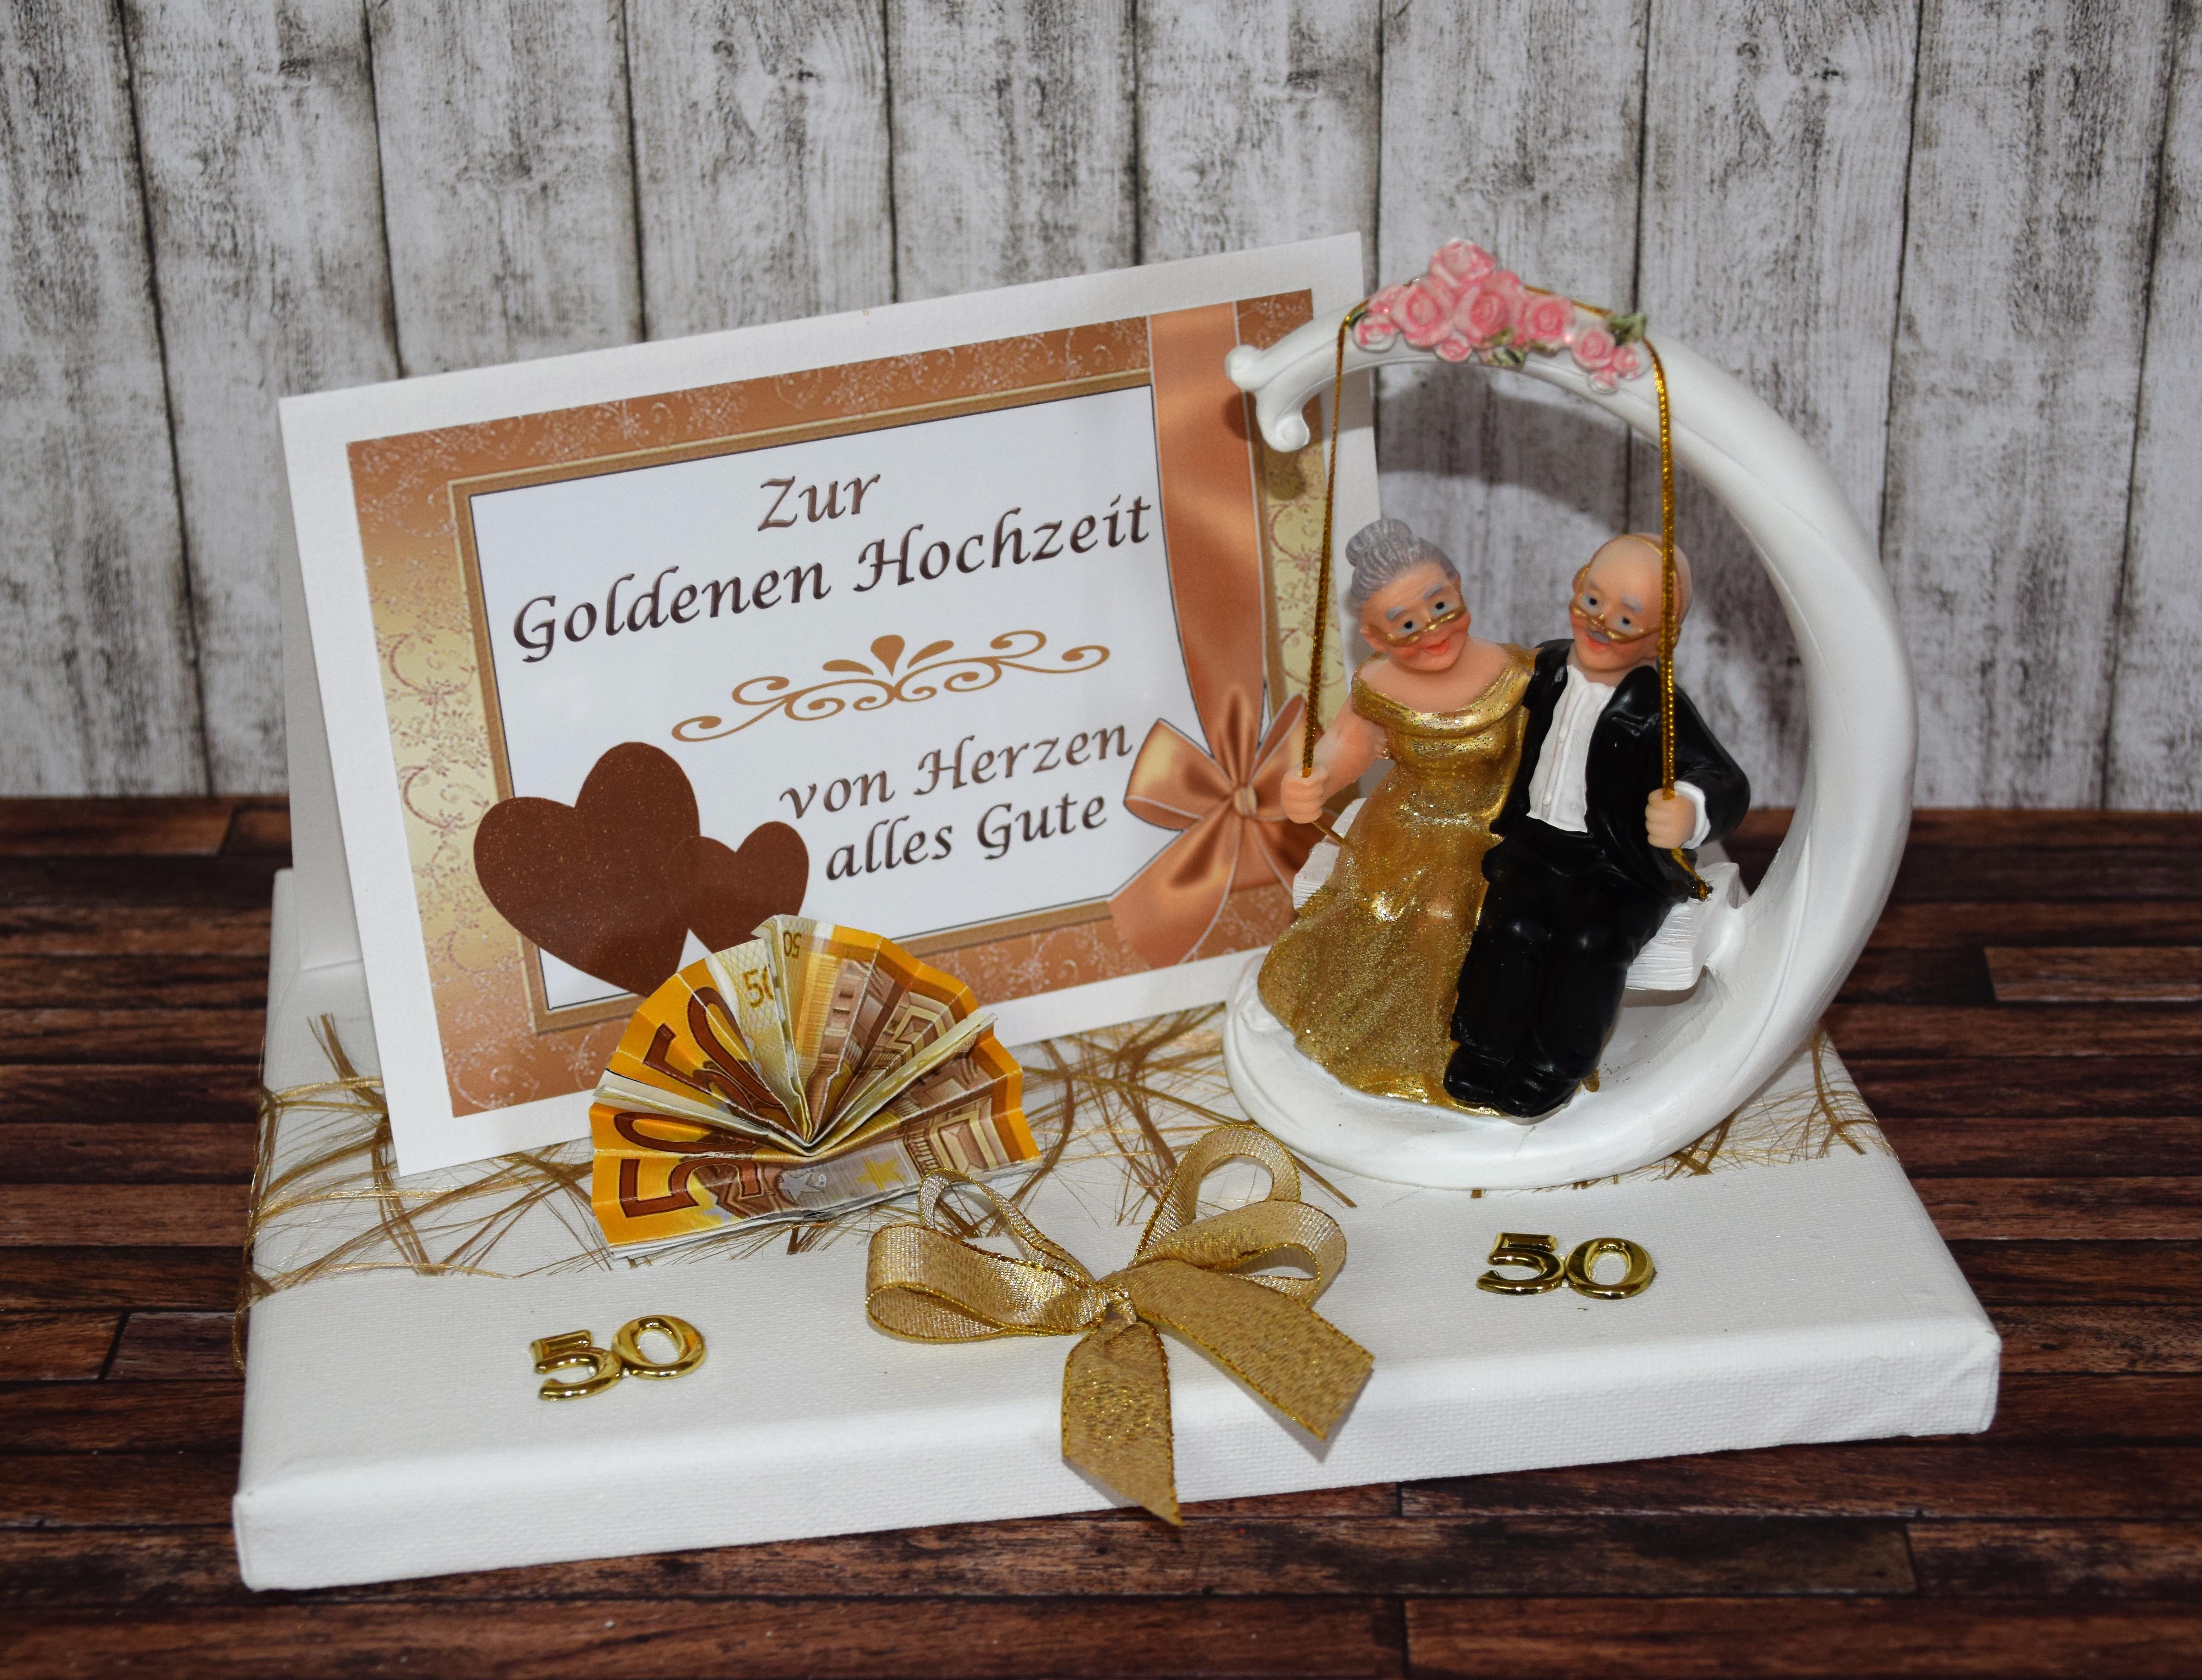 Geschenk Zur Goldenen Hochzeit  Geld Geschenk zur goldenen Hochzeit mit Goldpaar auf Schaukel